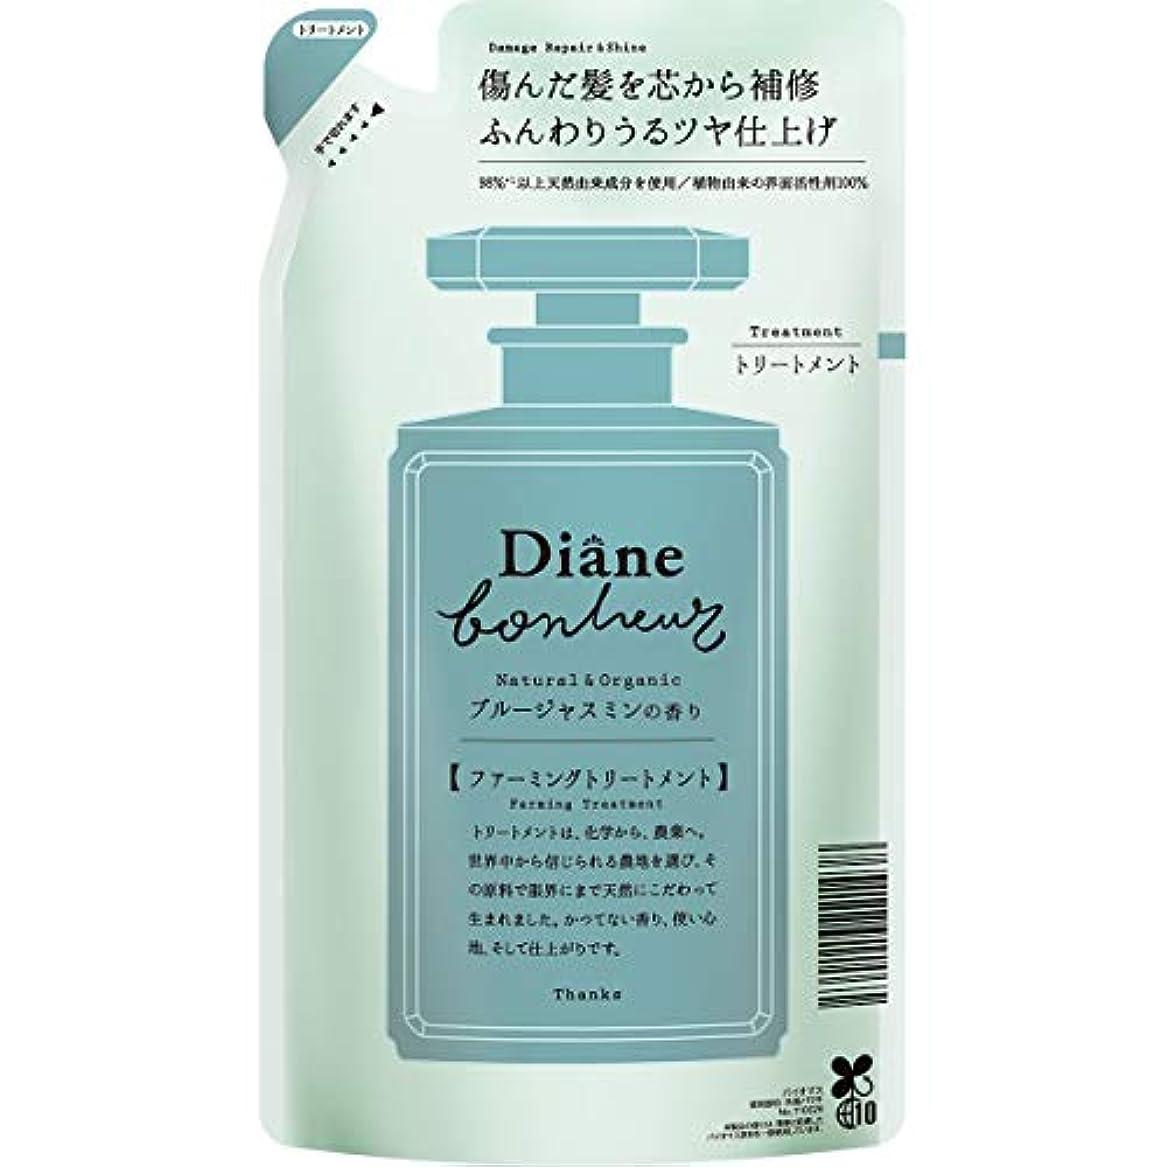 ダイアン ボヌール トリートメント ブルージャスミンの香り ダメージリペア&シャイン 詰め替え 400ml